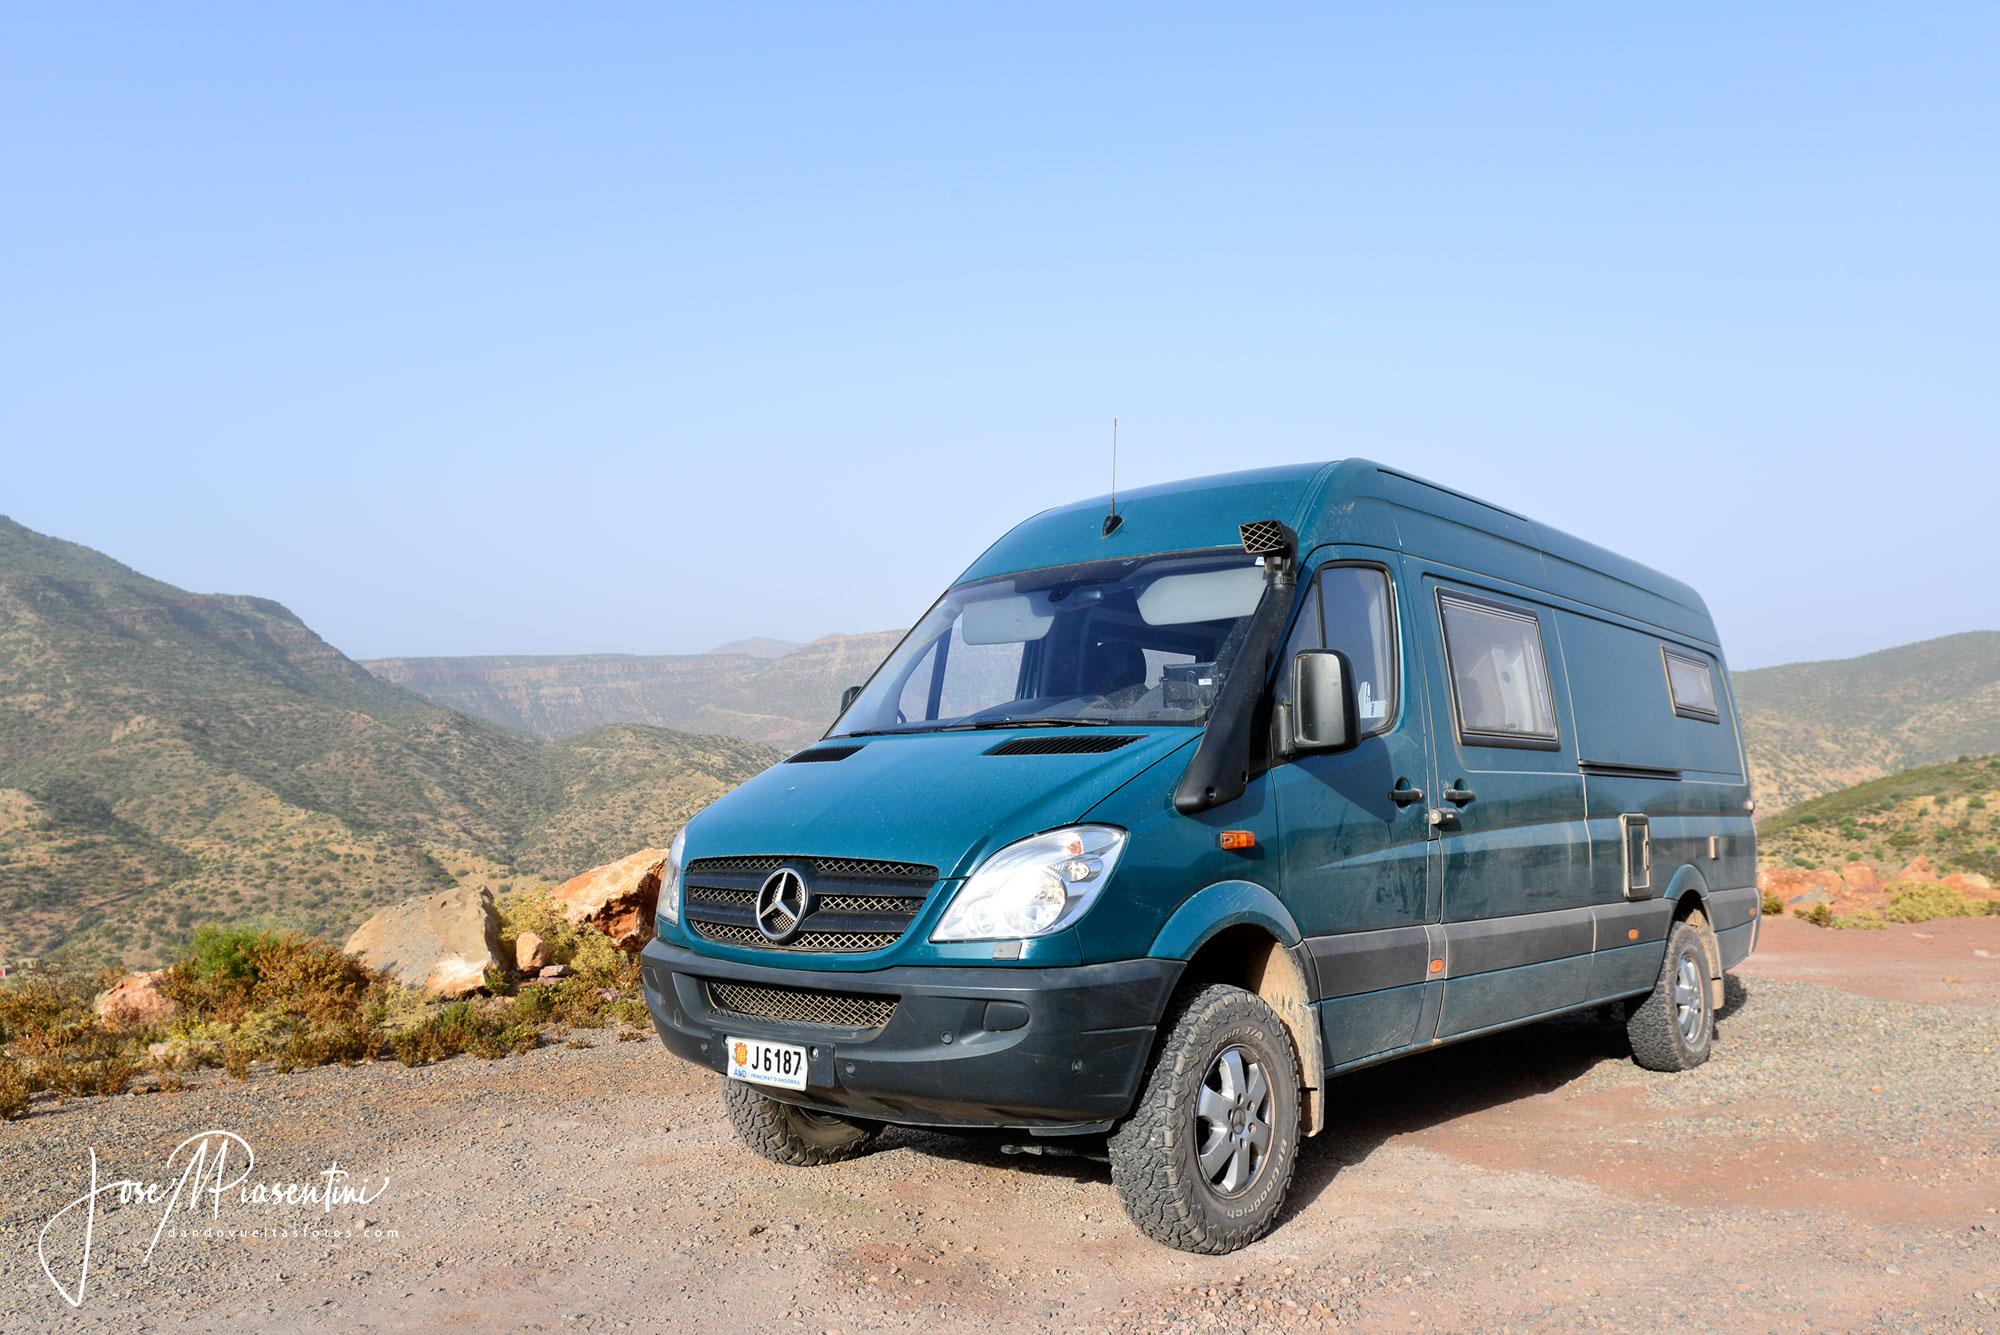 Camper-4x4-Marruecos